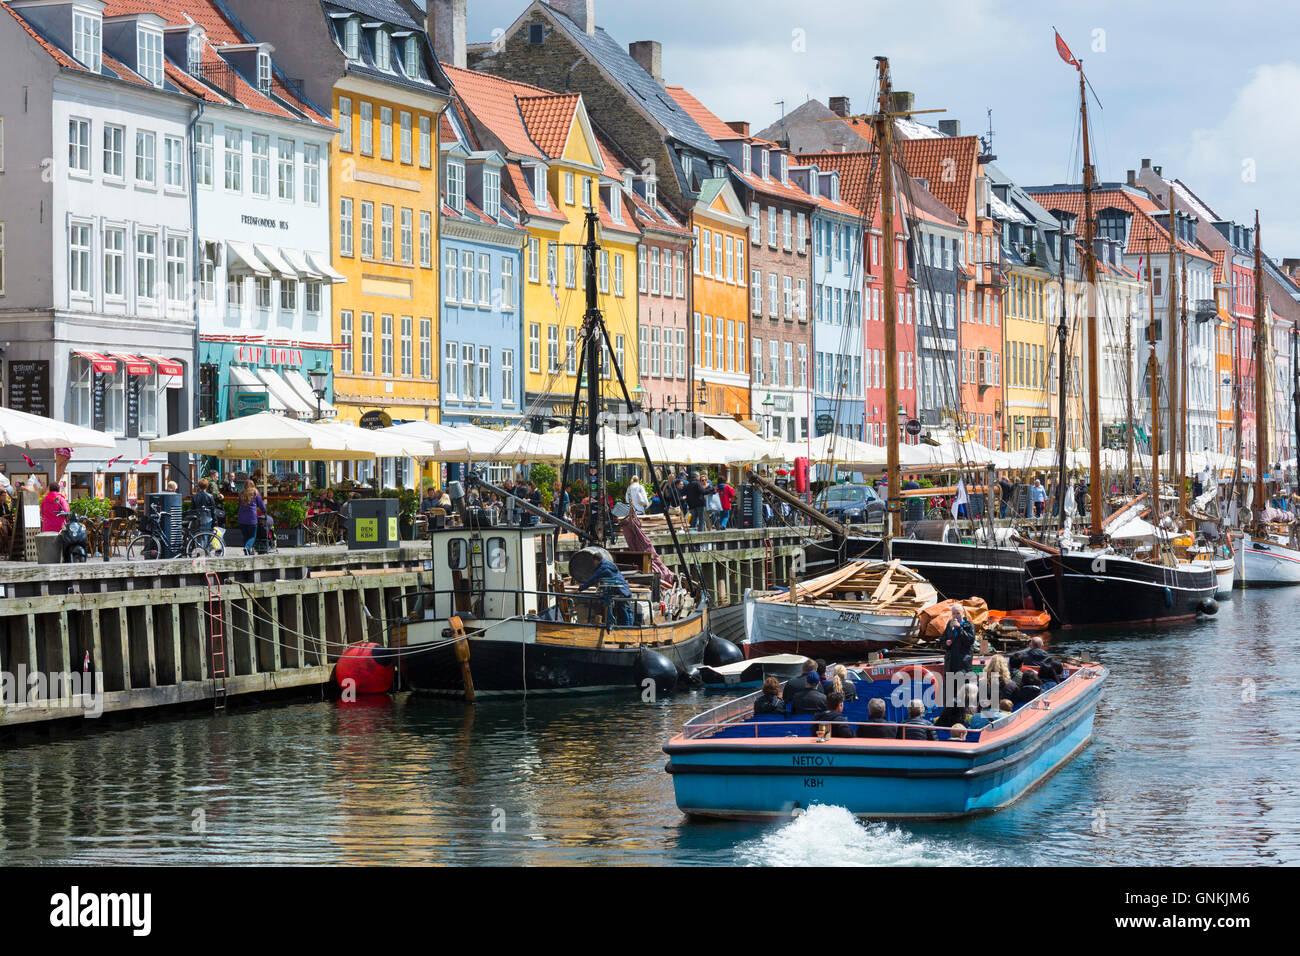 Veleros en Nyhavn, famoso Waterfront canal del siglo XVII y el distrito de entretenimiento en Copenhague, Dinamarca Imagen De Stock